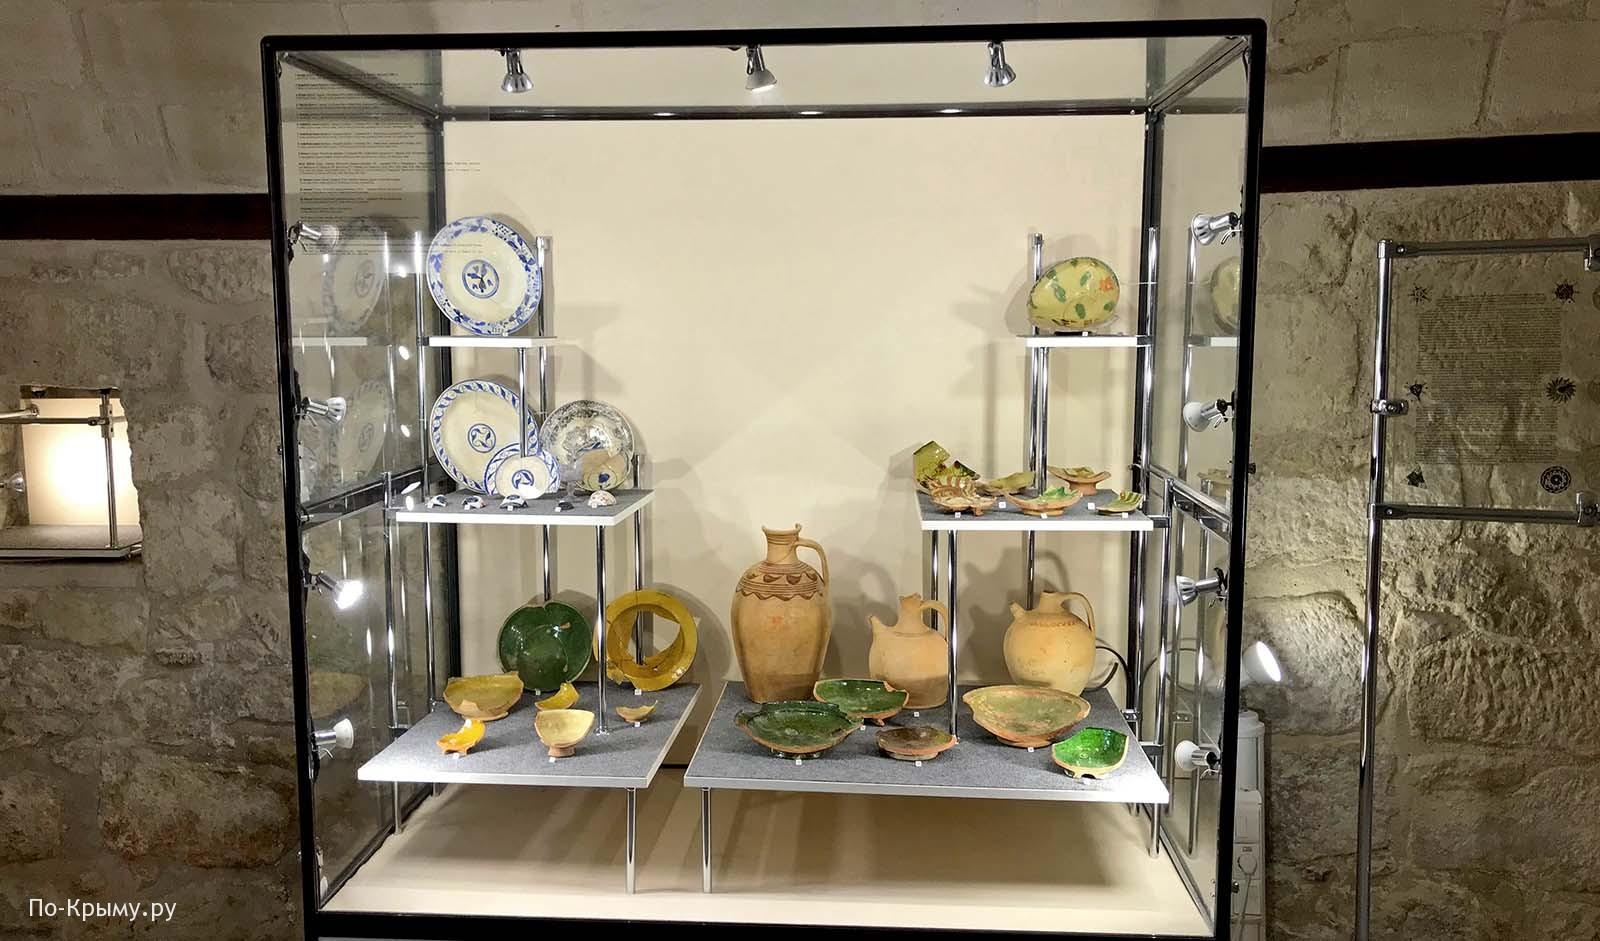 Выставка посуды в Зынджирлы-медресе